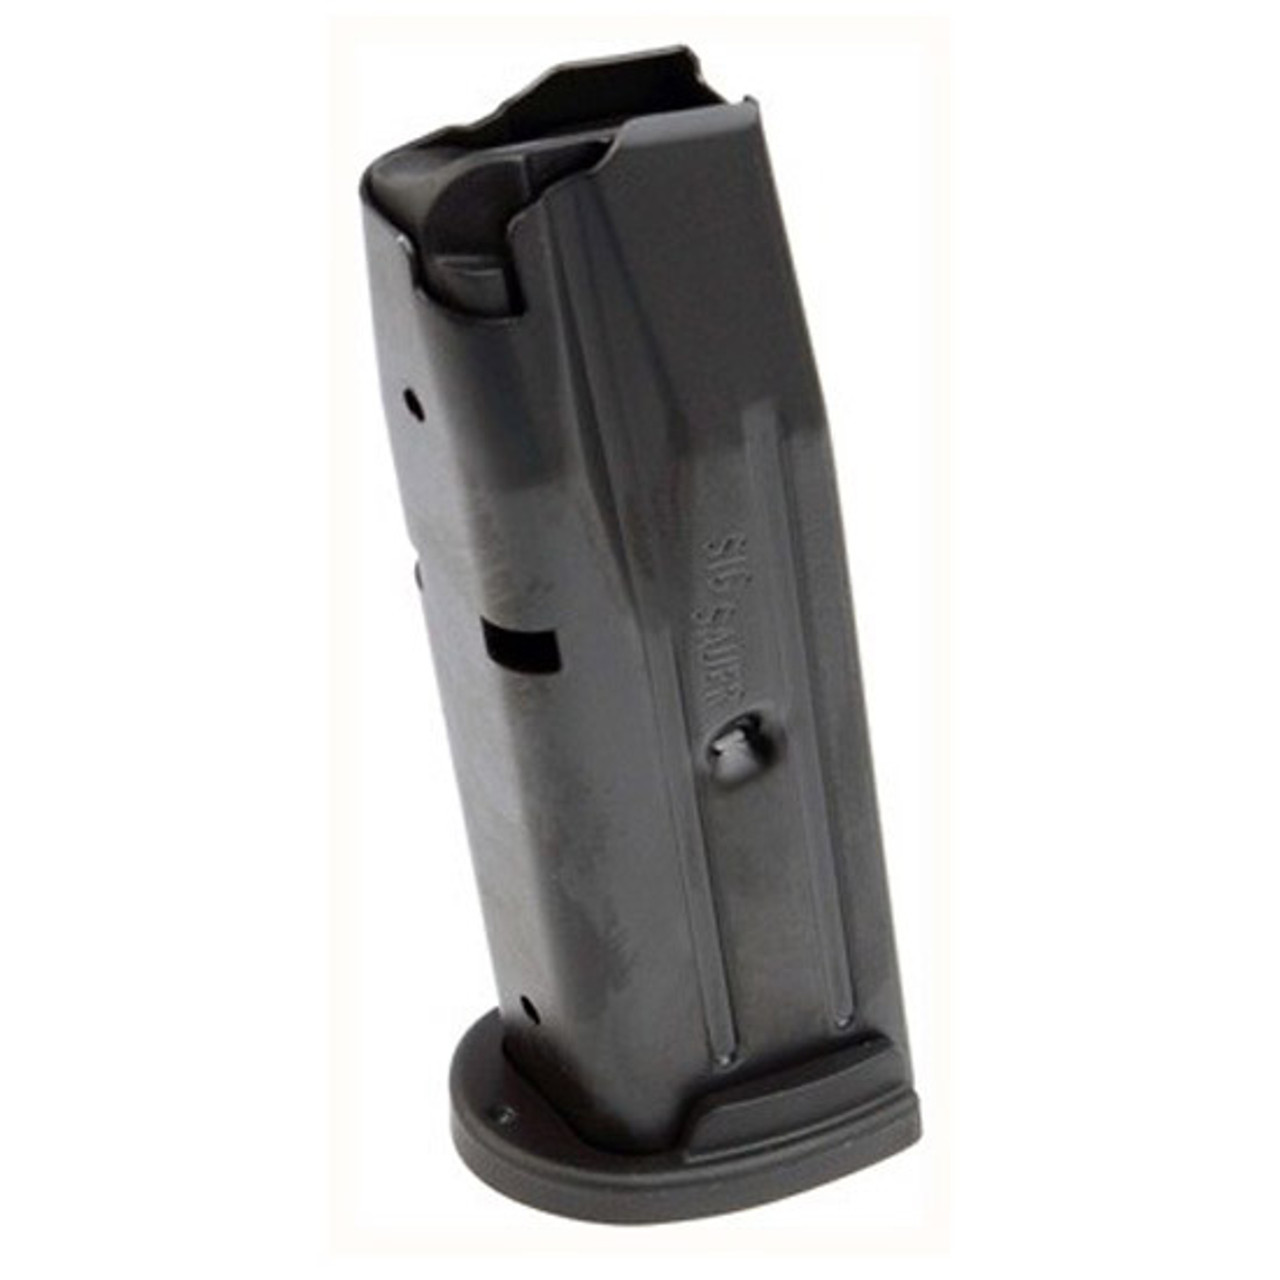 Sig Sauer P229 40 357 10rd Magazine: SIG SAUER MAG P224 40SW 357SIG 10RD